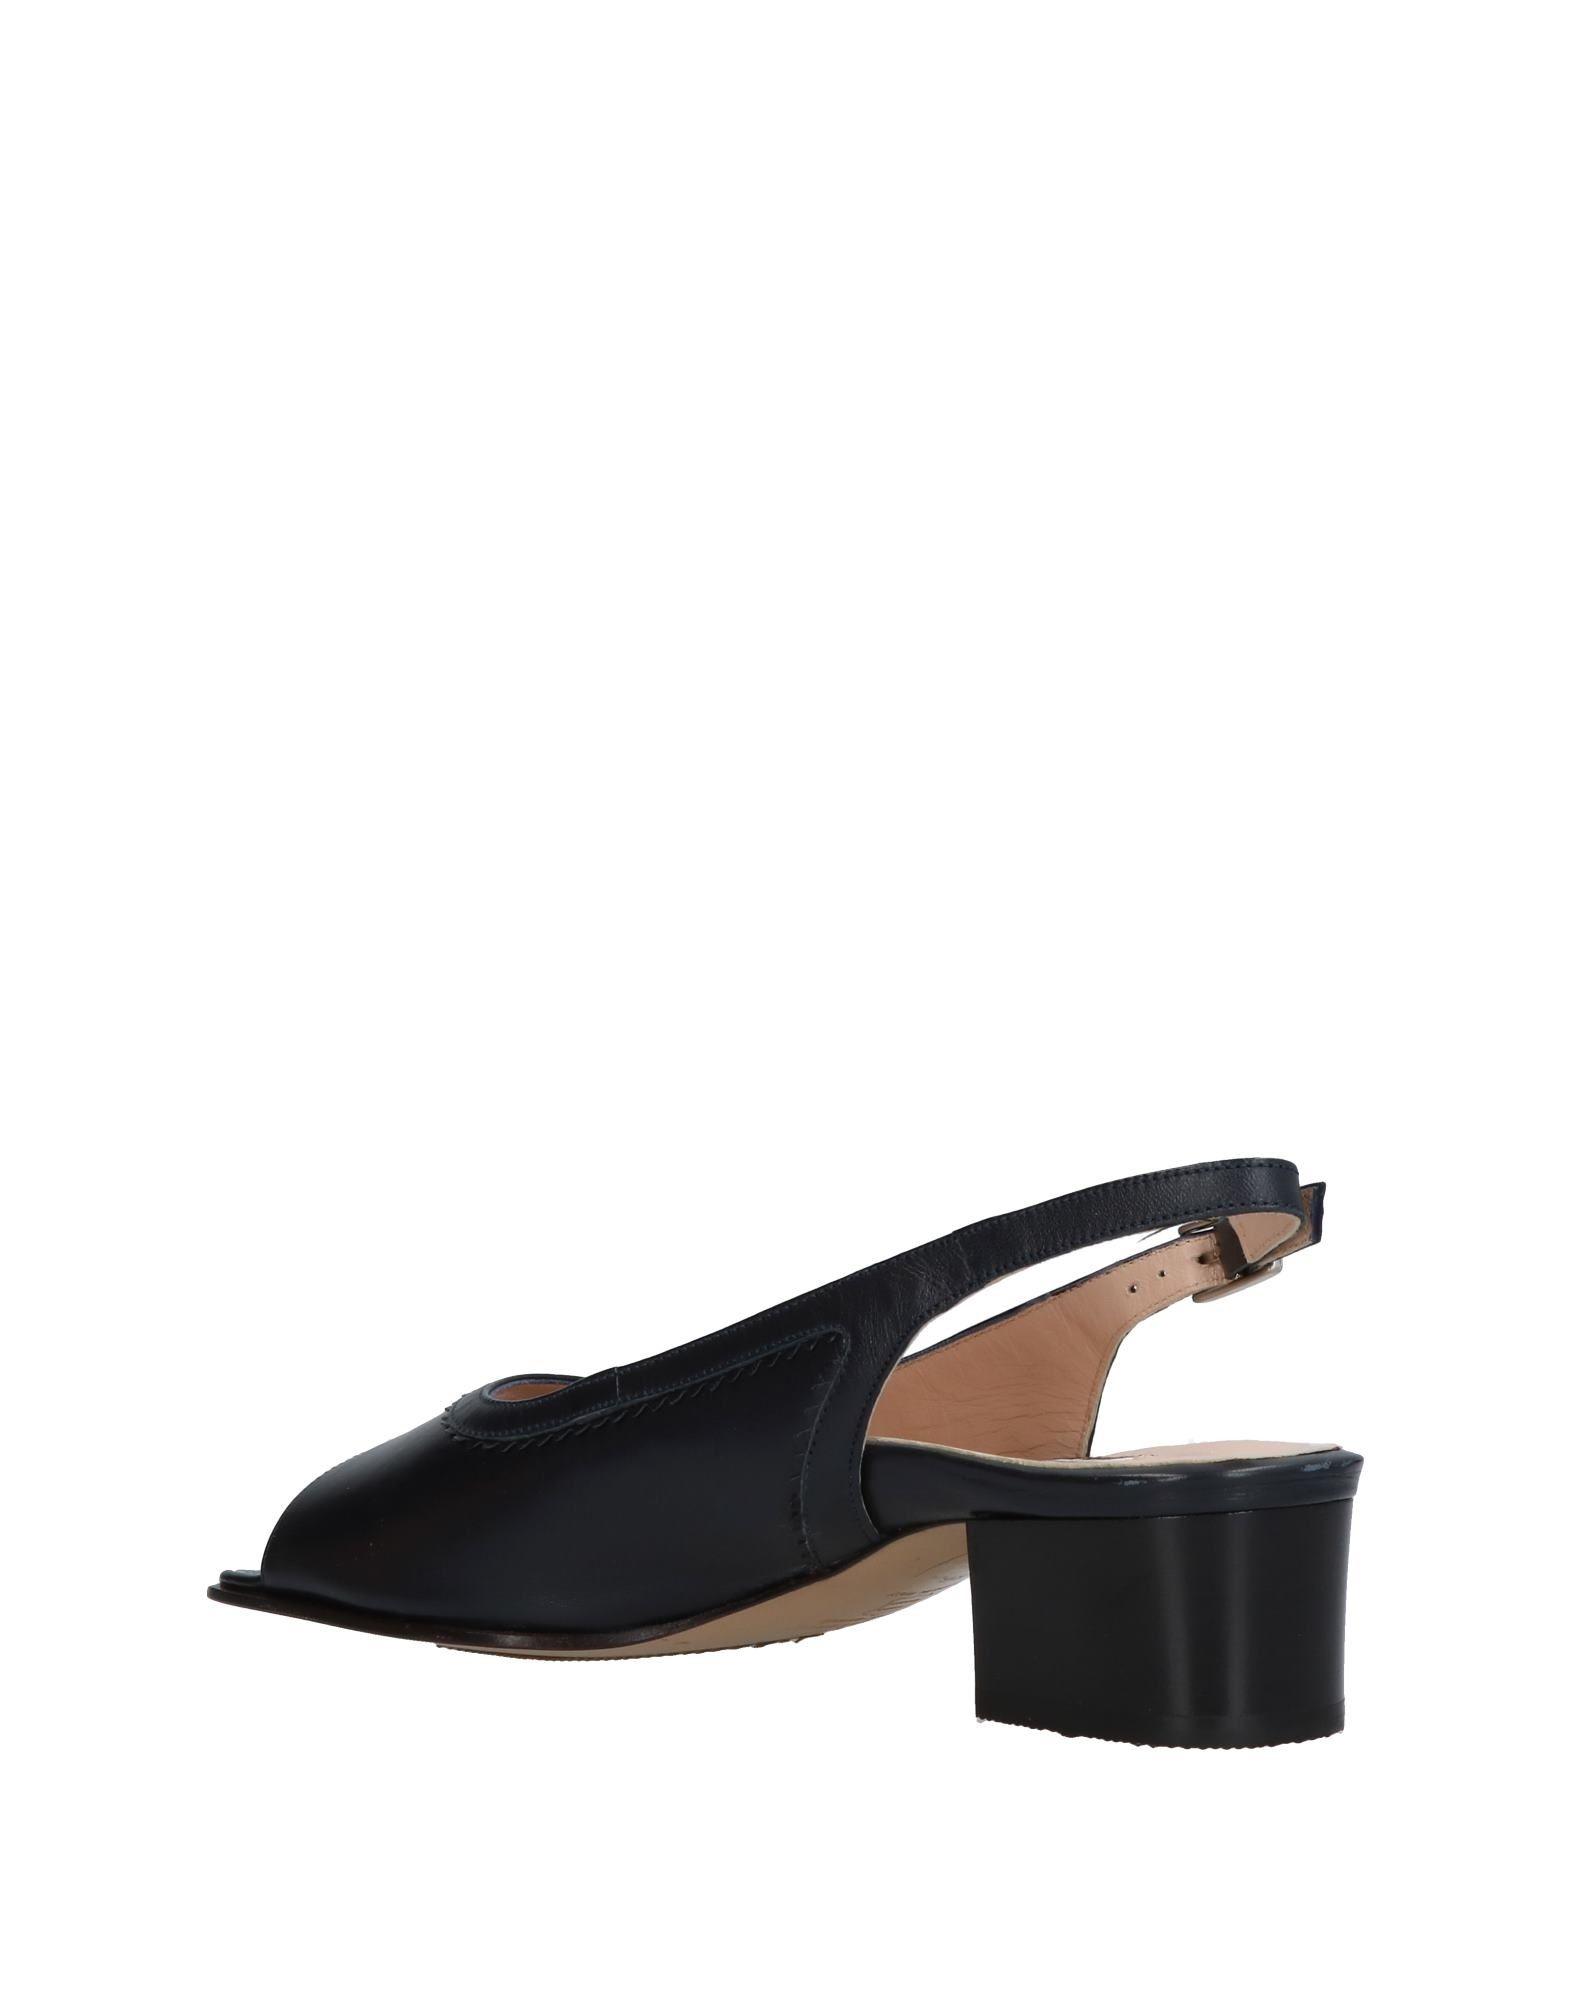 Chaussures - Tribunaux Valleverde rHl840gOsu